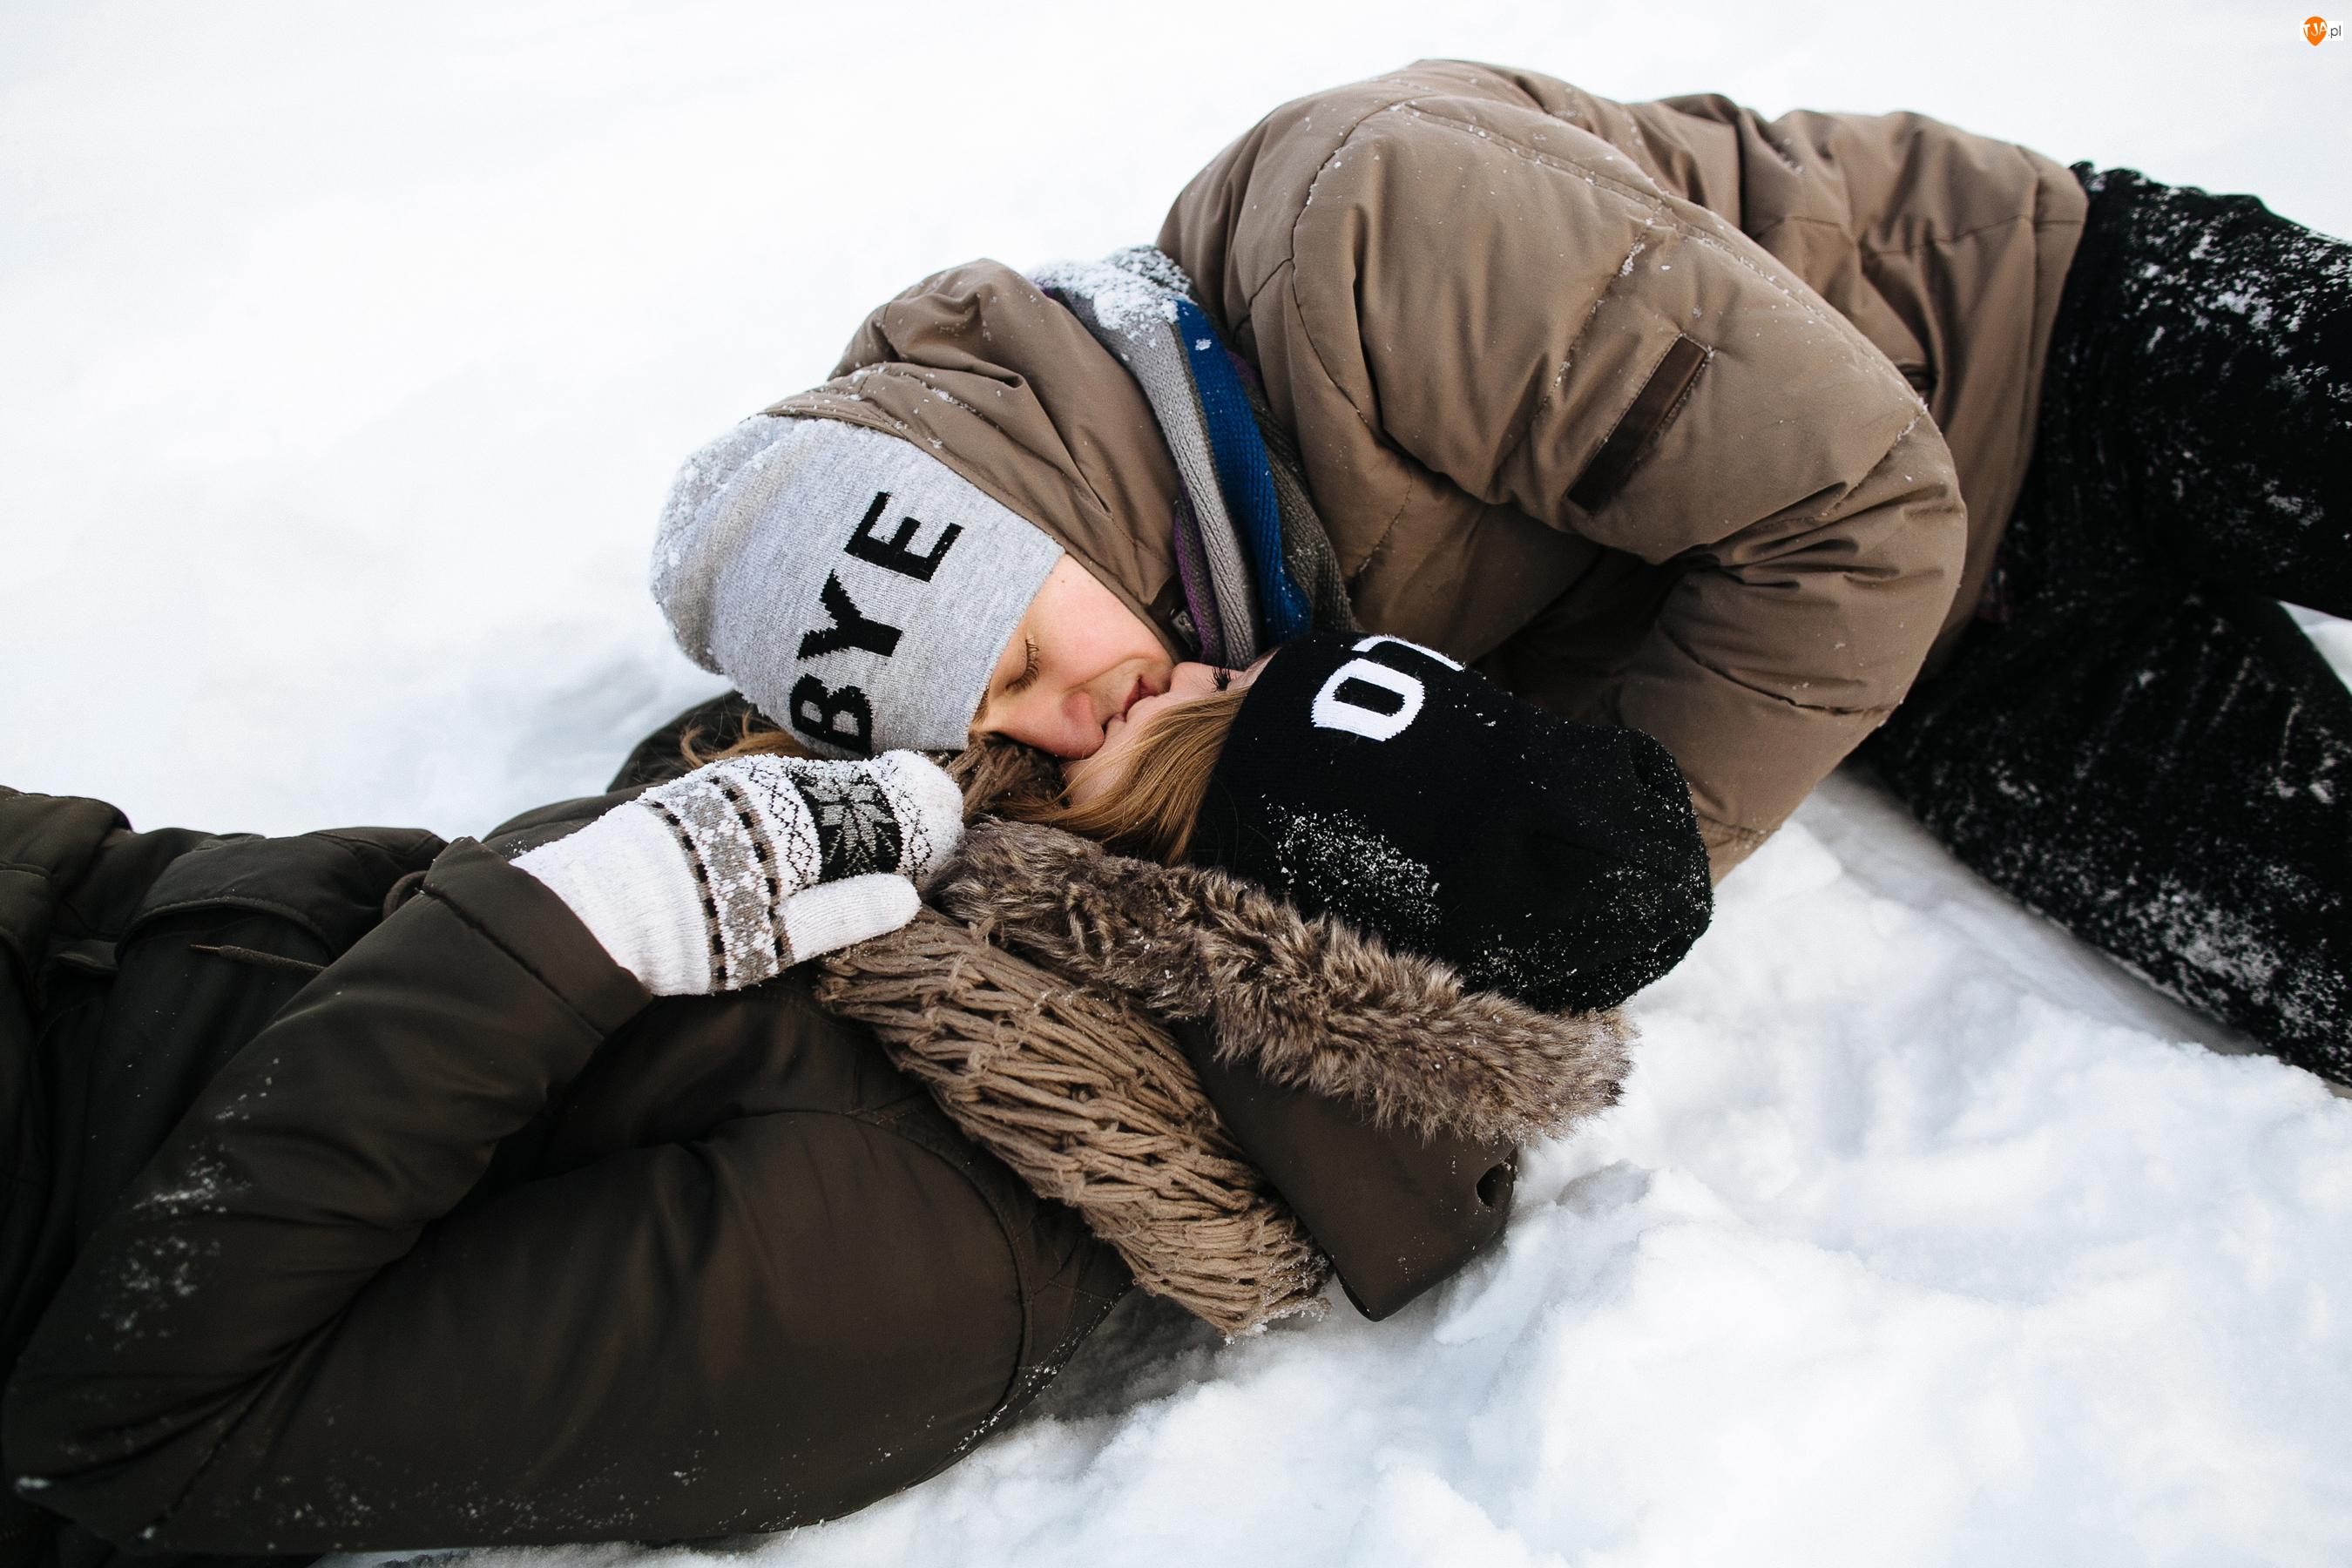 Kobieta, Ludzie, Pocałunek, Zima, Mężczyzna, Śnieg